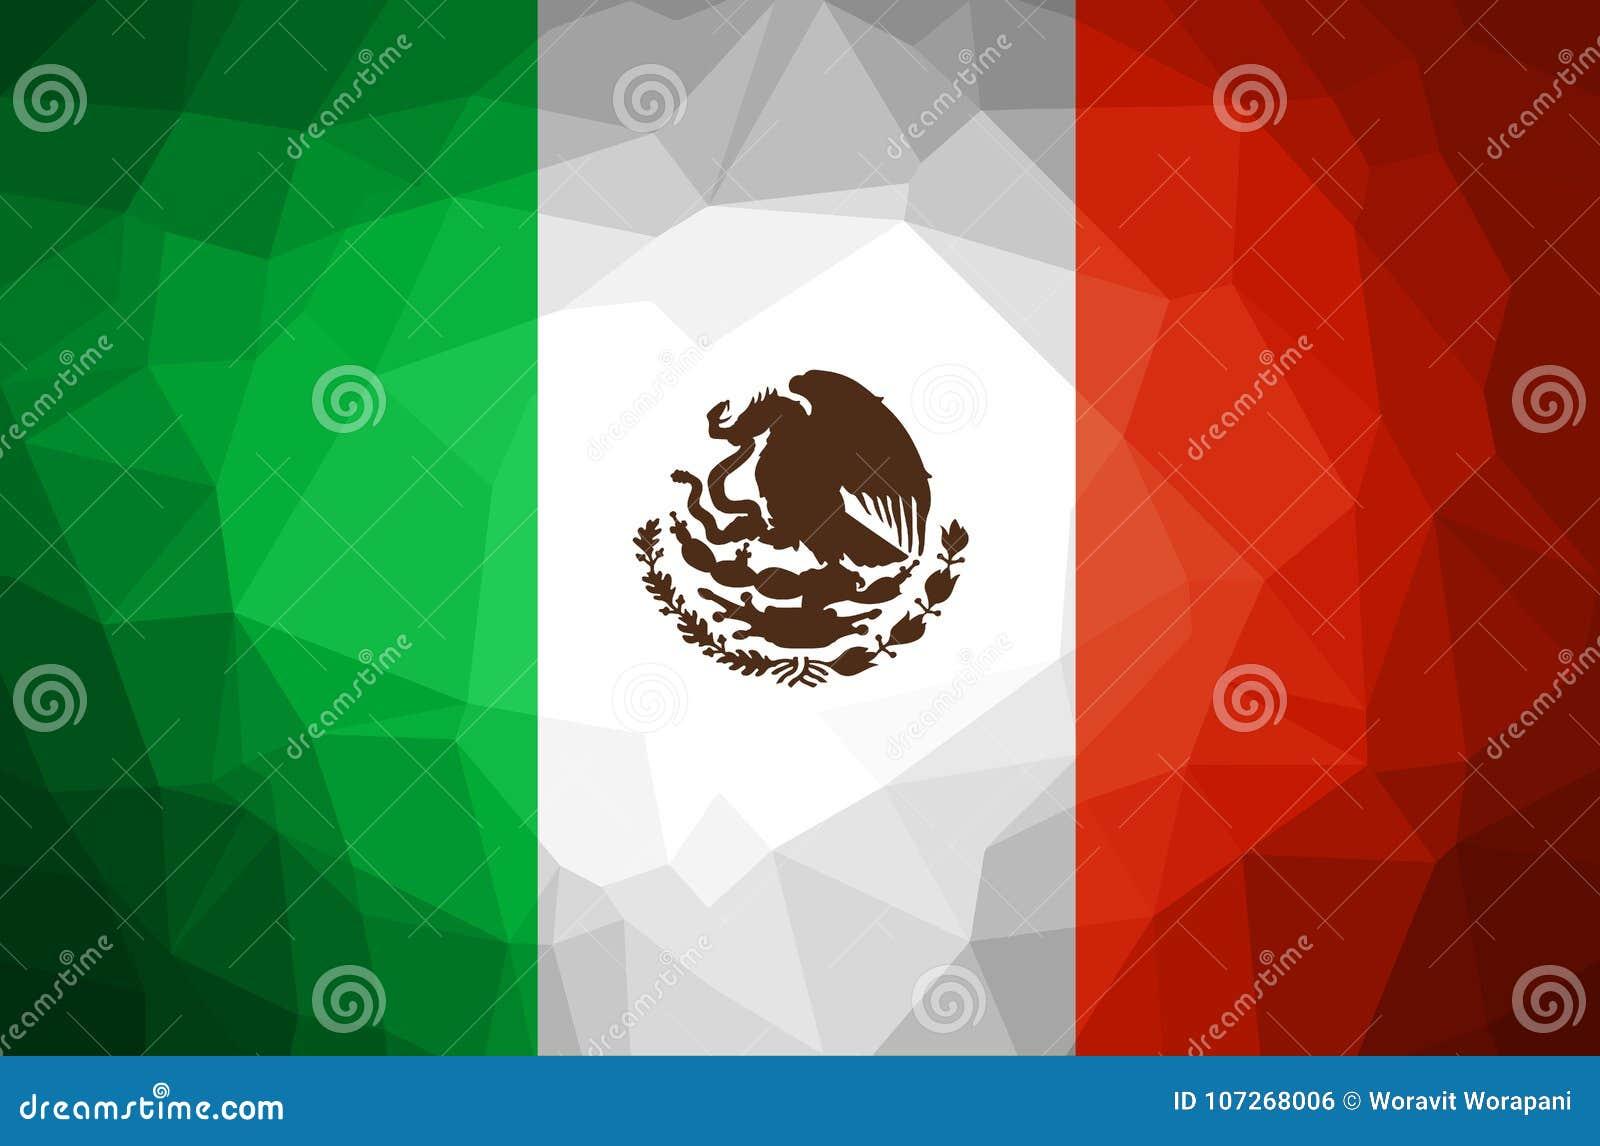 Fondo Del Polígono Del Extracto De La Bandera De México